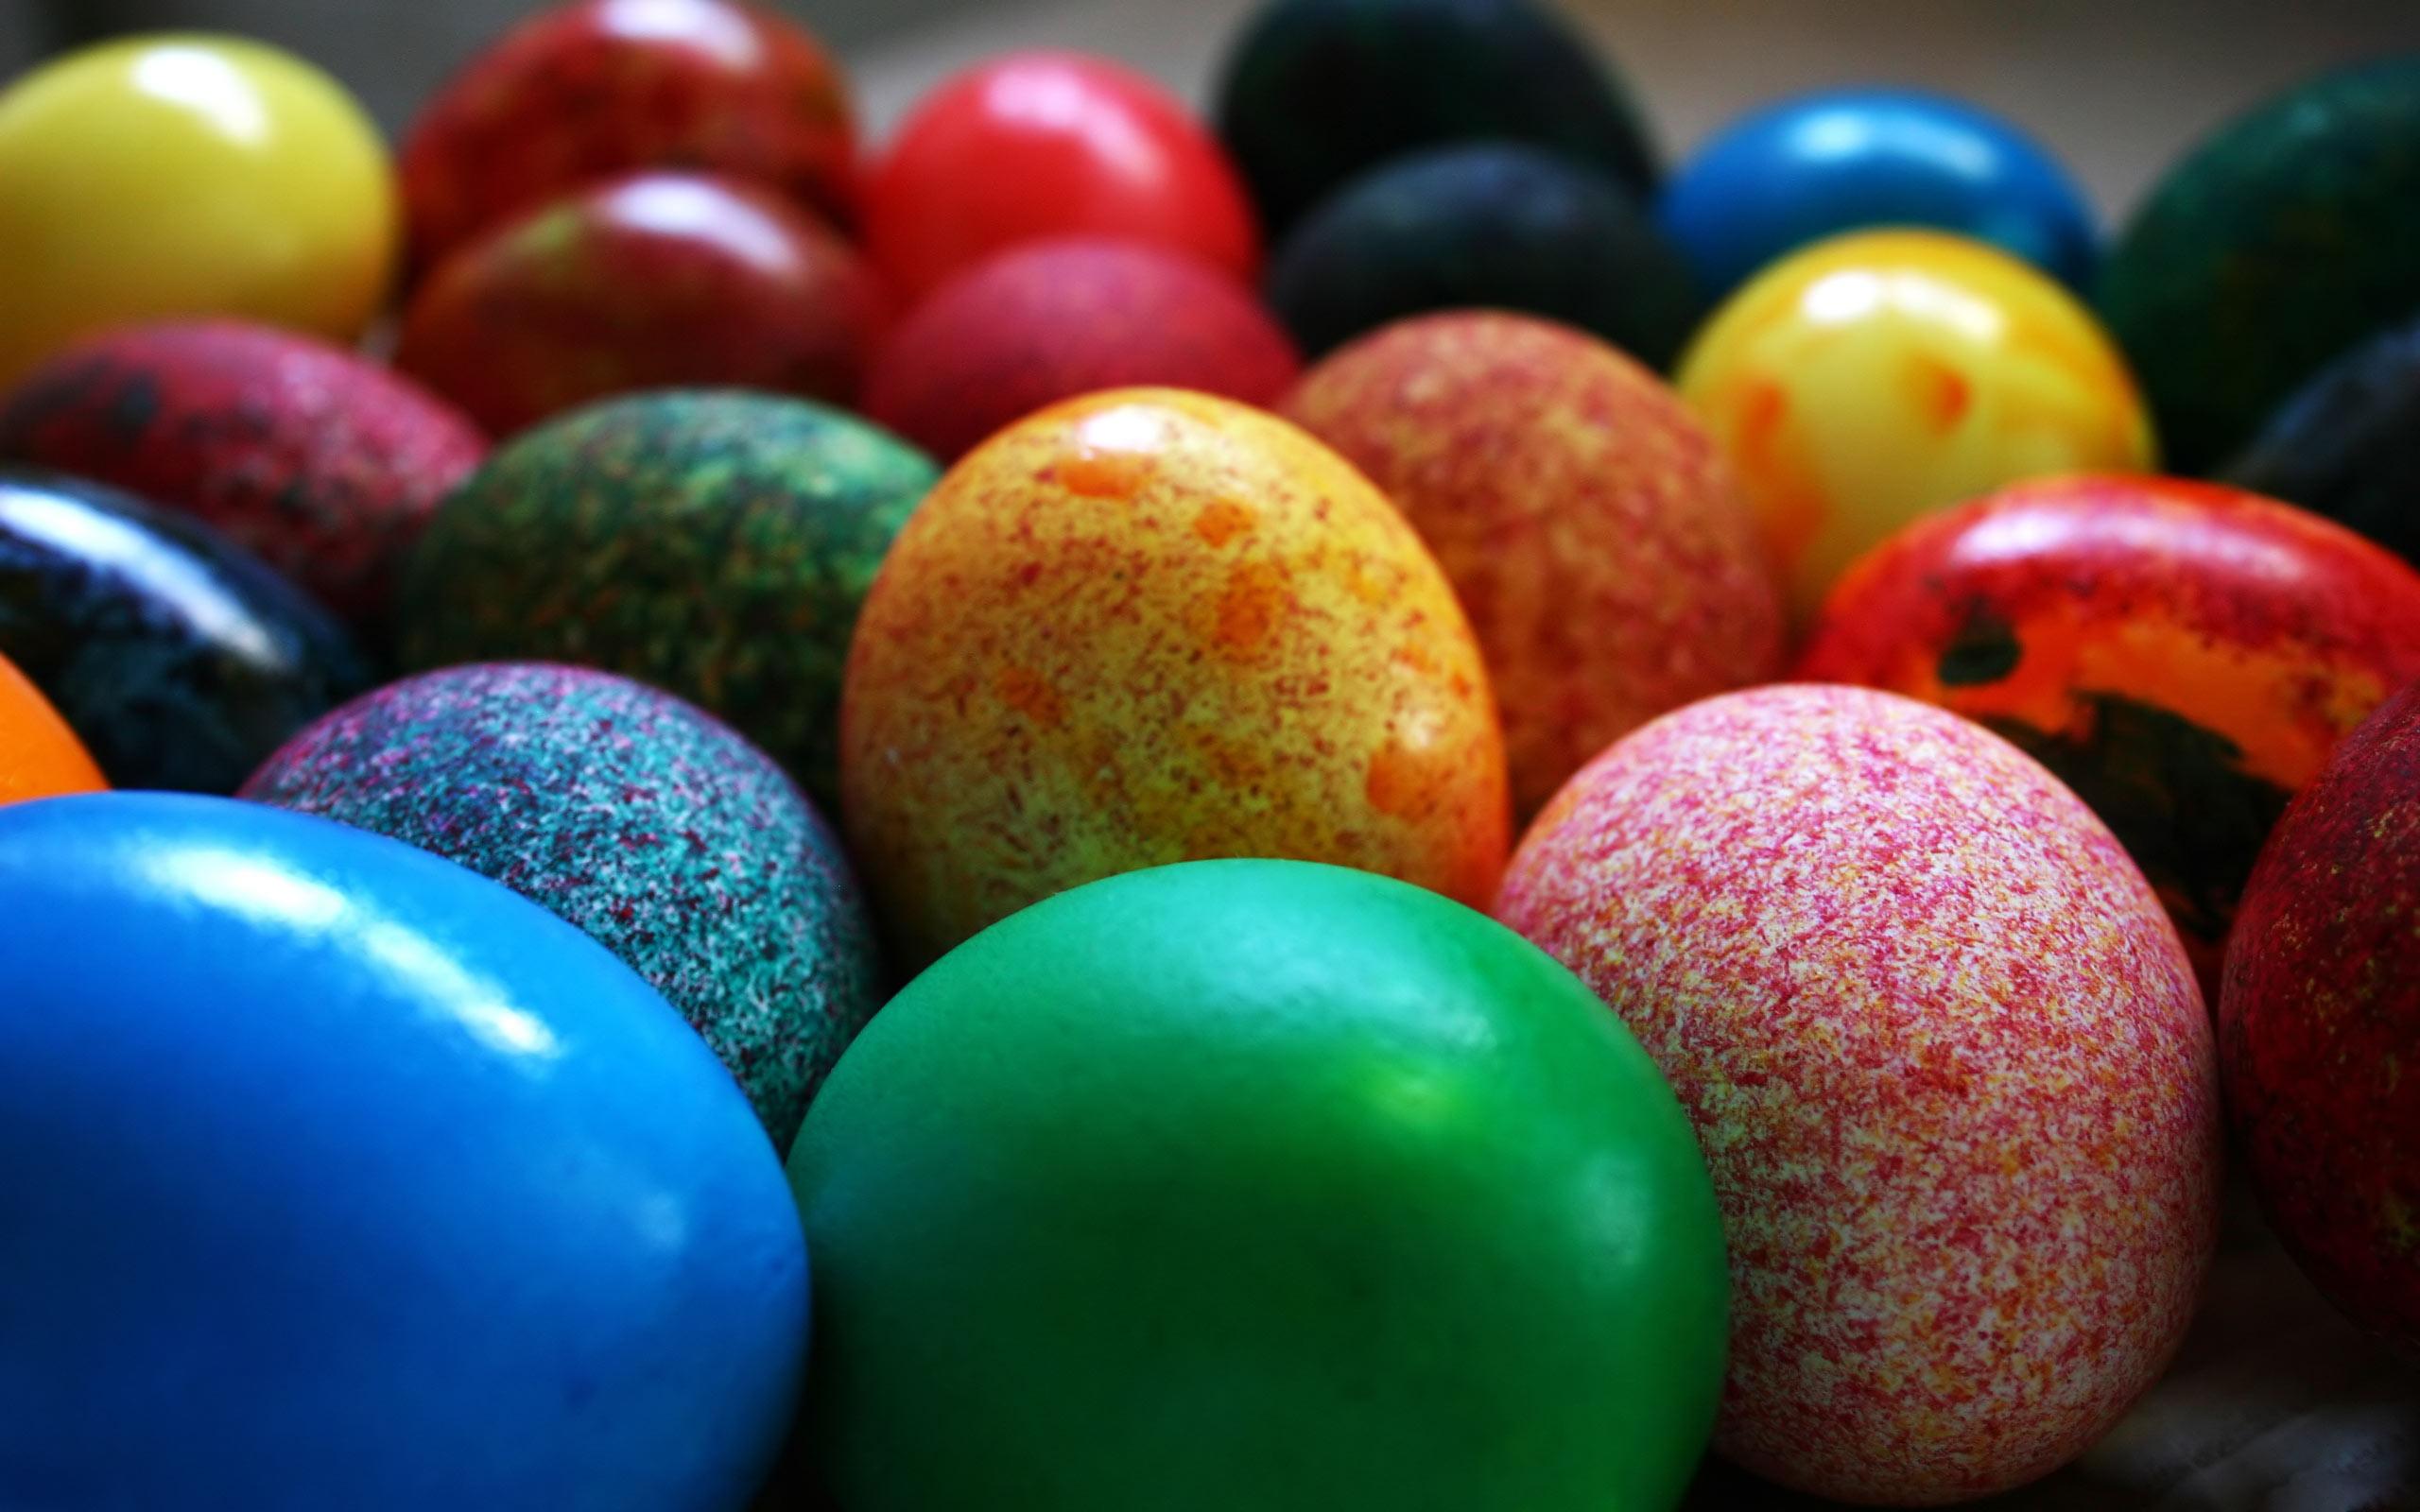 Easter Egg Wallpaper 363 2560 x 1600   WallpaperLayercom 2560x1600